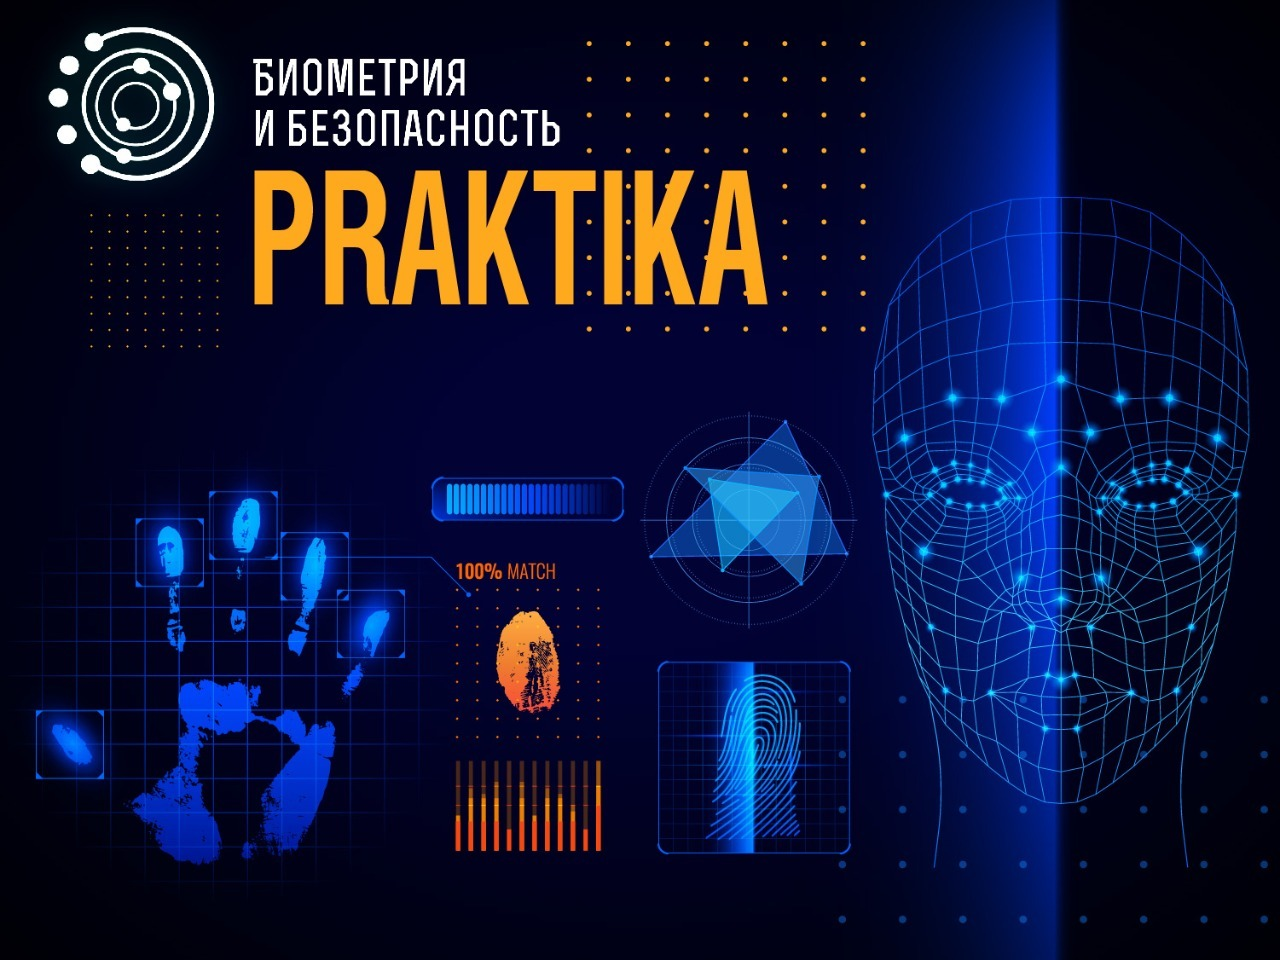 Компания BIOSMART провела круглый стол PRAKTIKA-2020